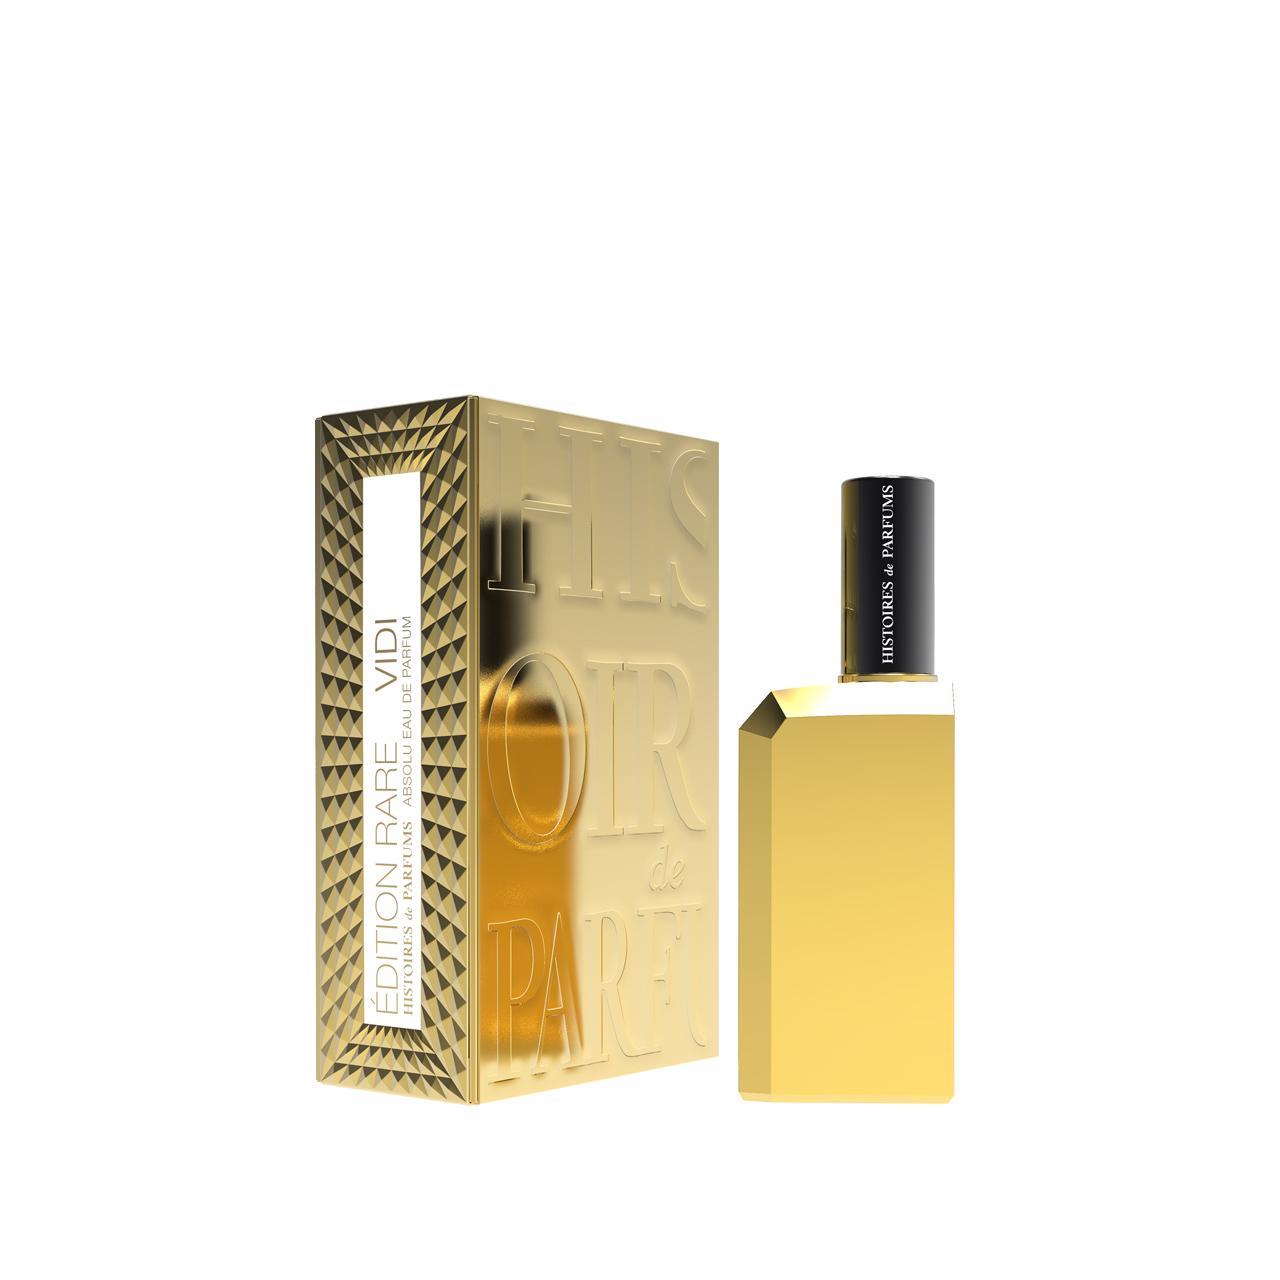 Vidi - Absolu Eau de Parfum